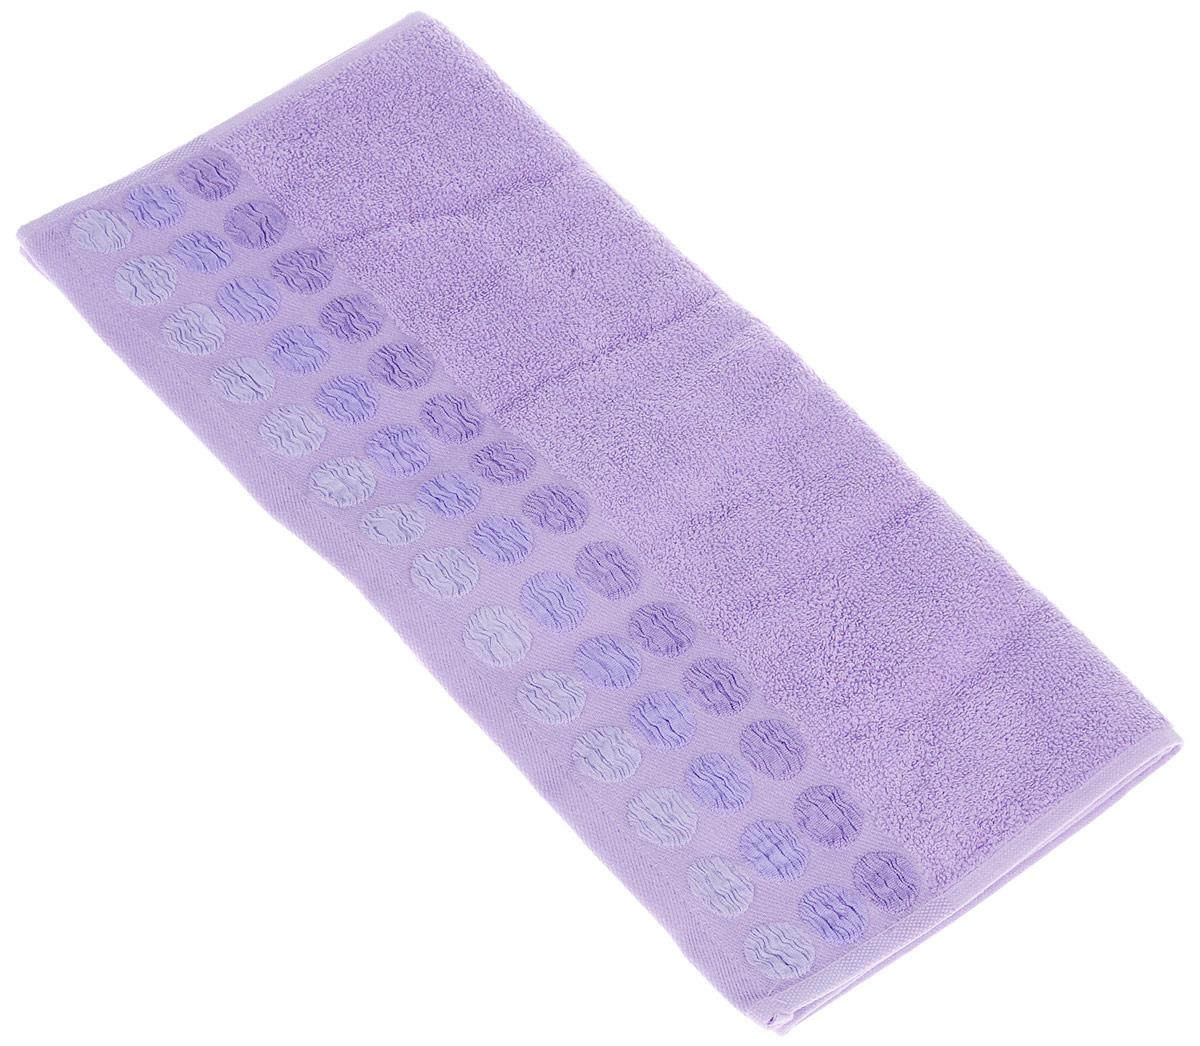 Полотенце Brielle Point, цвет: пурпурный, 50 х 90 см1207Полотенца ТАС Приятно удивляют и дают возможность почувствовать себя творцом окружающего декора. Махровая ткань – официальное название «фроте», народное – «махра». Фроте – это натуральная ткань, поверхность которой состоит из ворса (петель основных нитей). Ворс может быть как одинарным (односторонним), так и двойным (двусторонним).